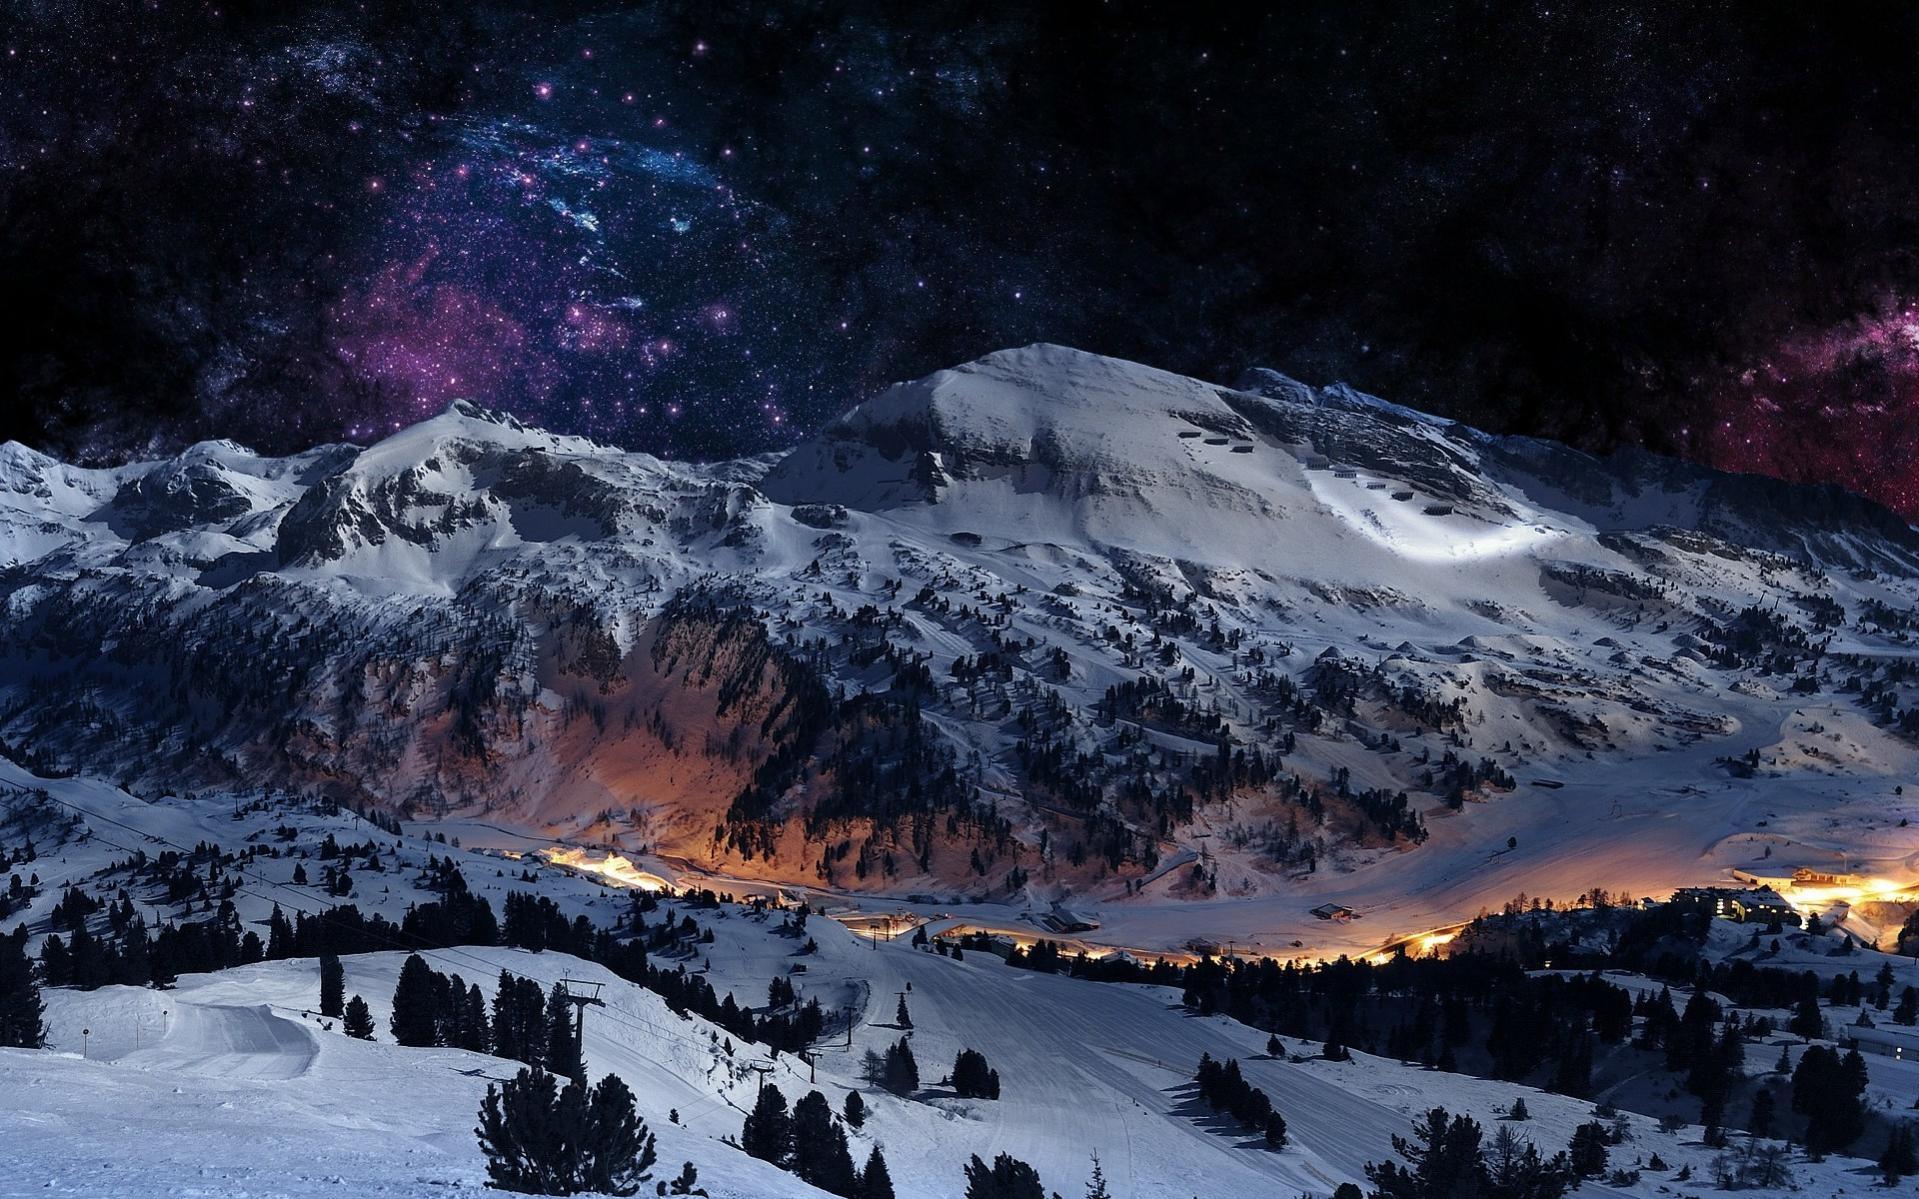 İsim:  Ski resort Wallpaper 2663.jpg Görüntüleme: 171 Büyüklük:  393.7 KB (Kilobyte)